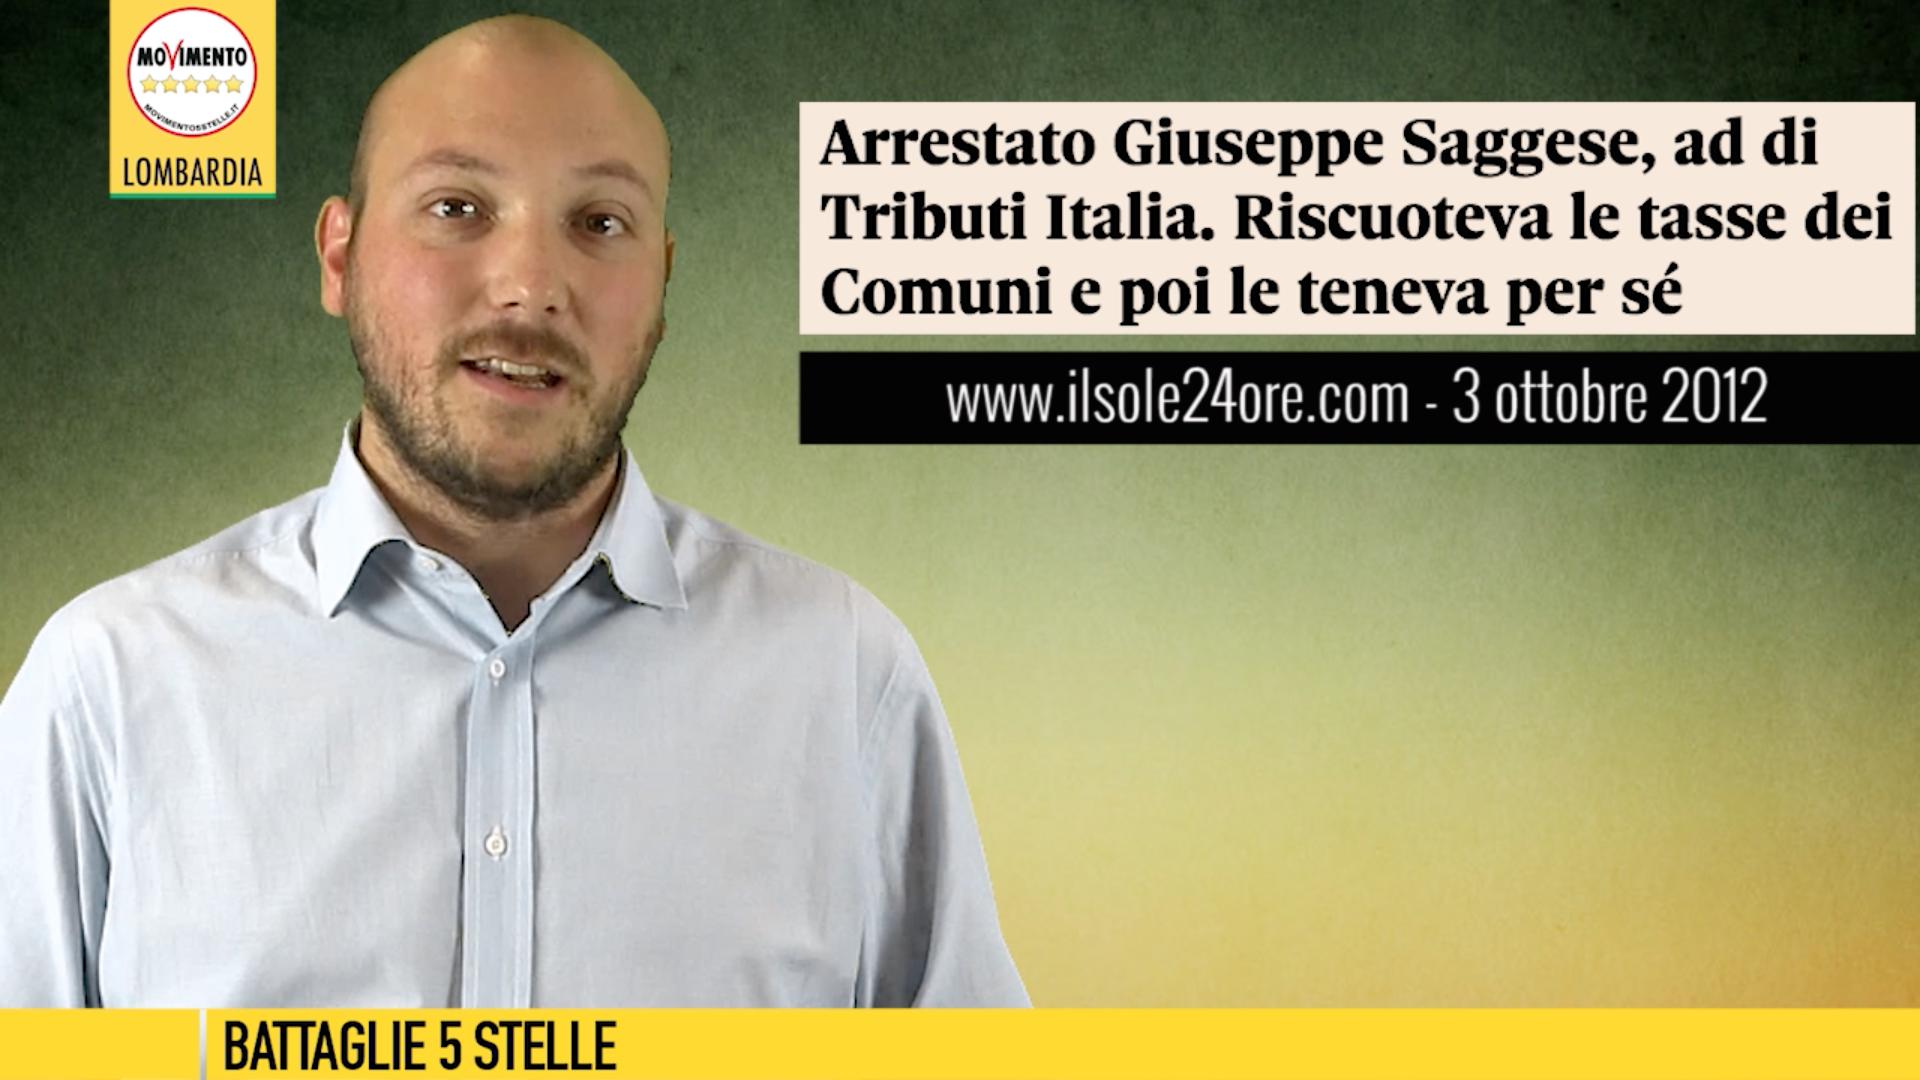 Addio Equitalia in Lombardia: il grande bluff di Maroni!